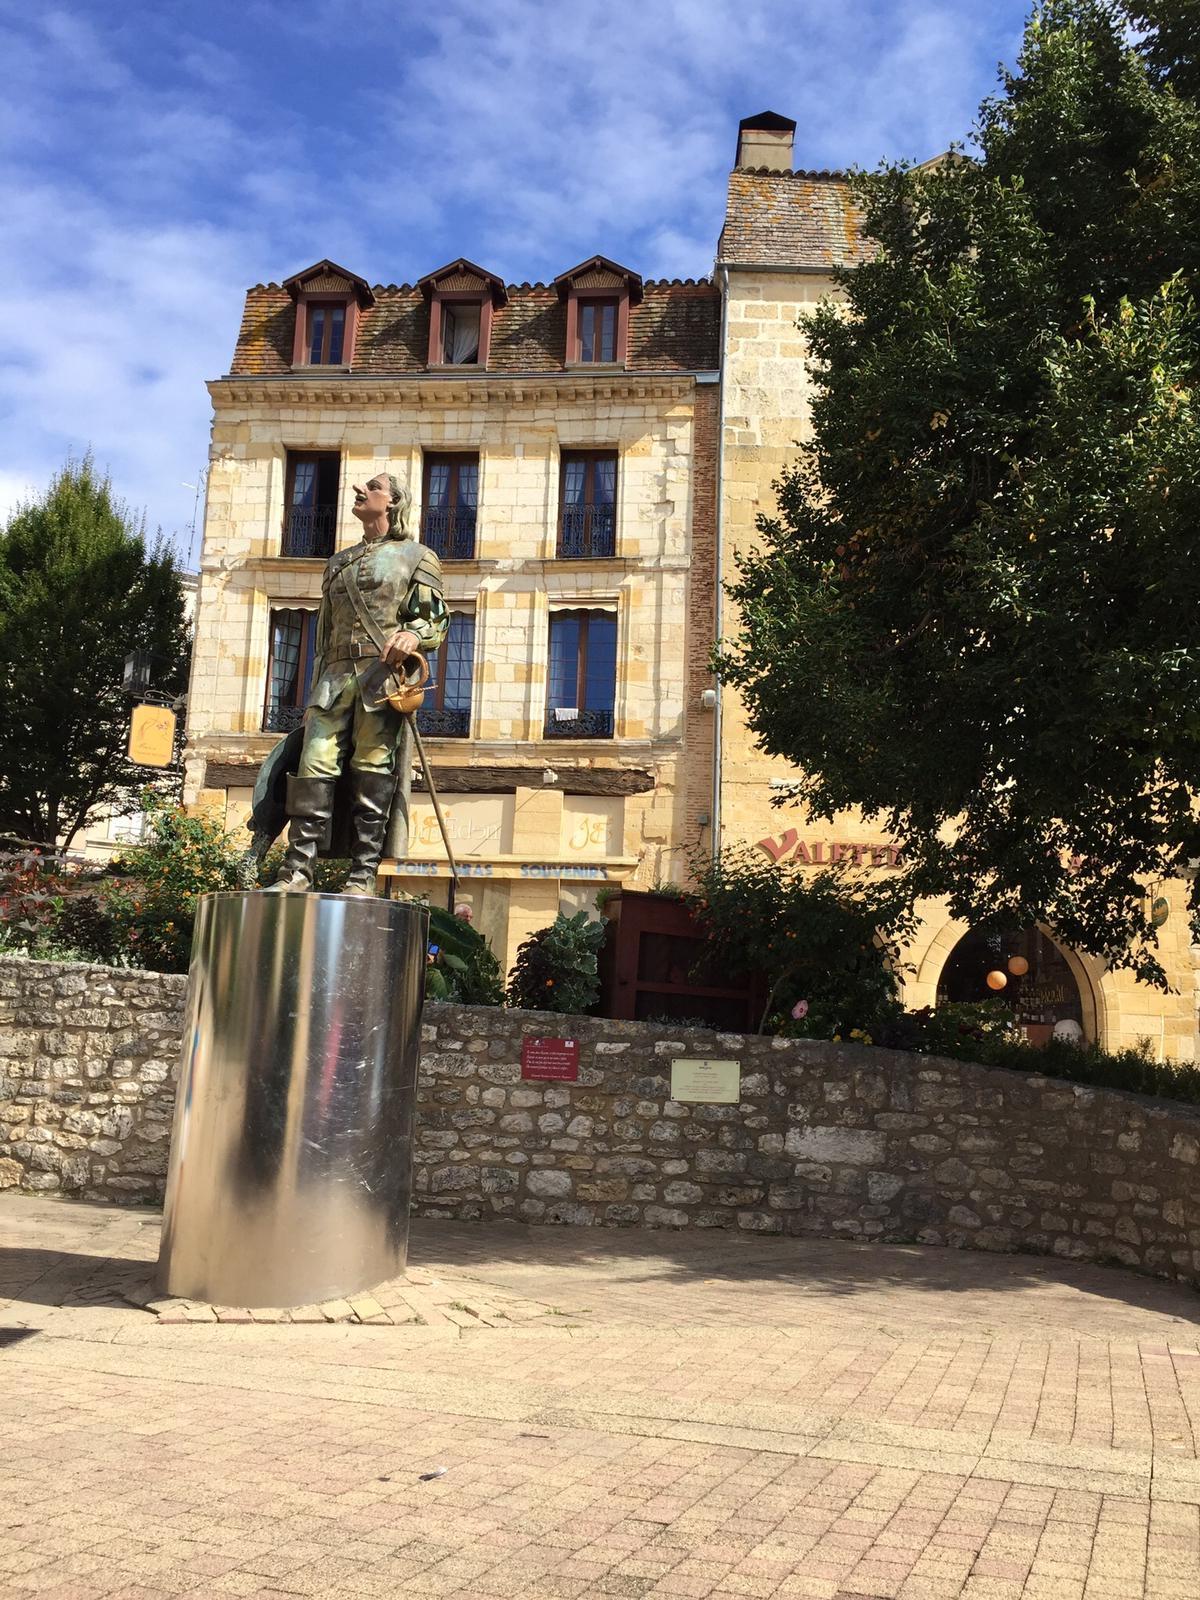 Cyrano de Bergerac statue